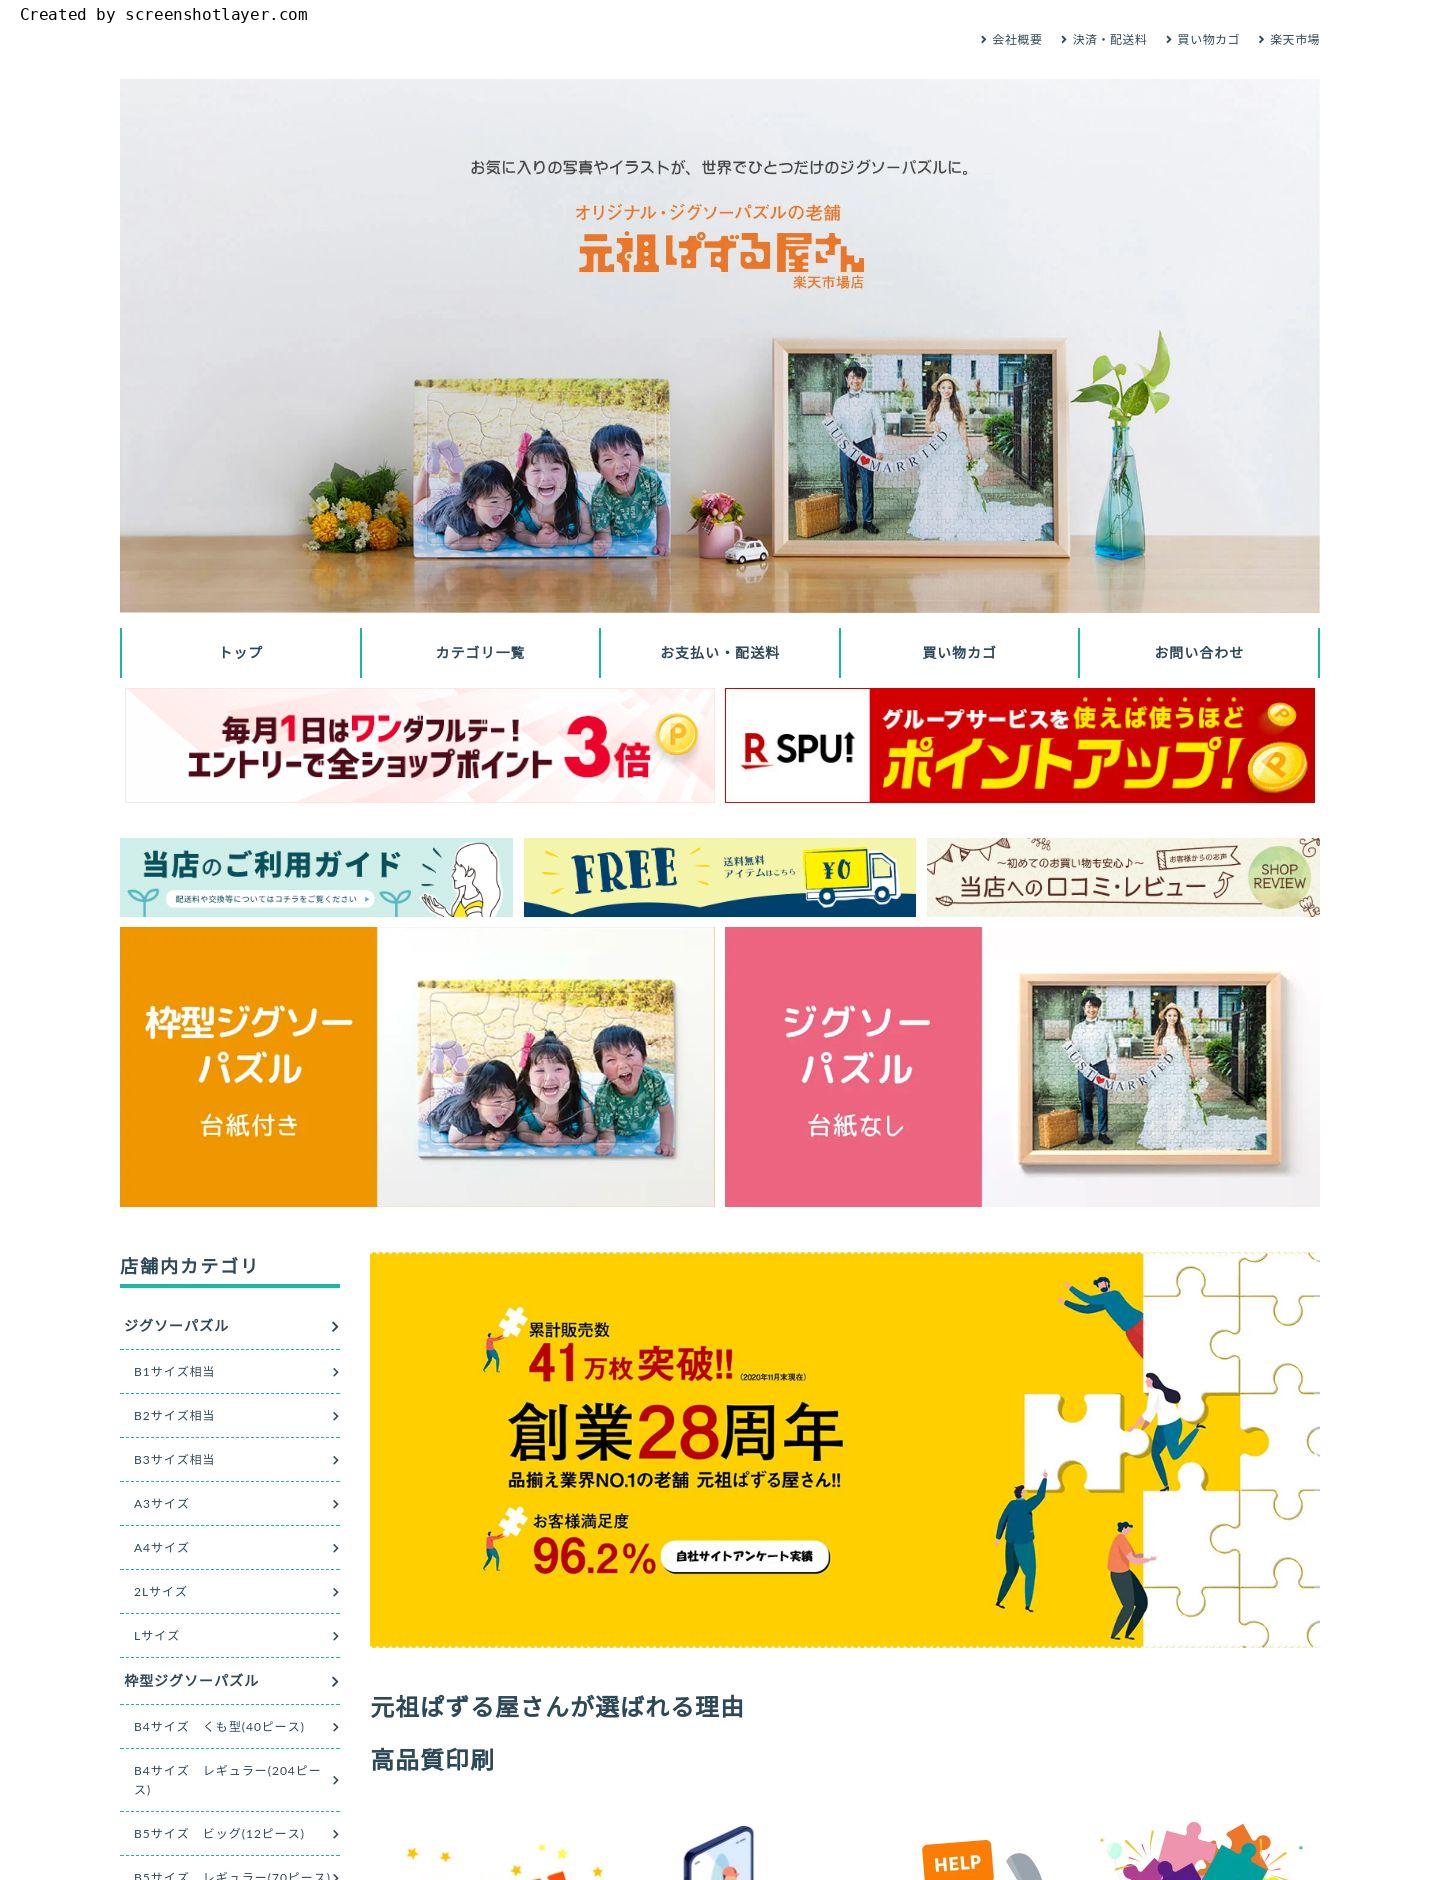 元祖ぱずる屋さん 楽天市場店様 サイト画像